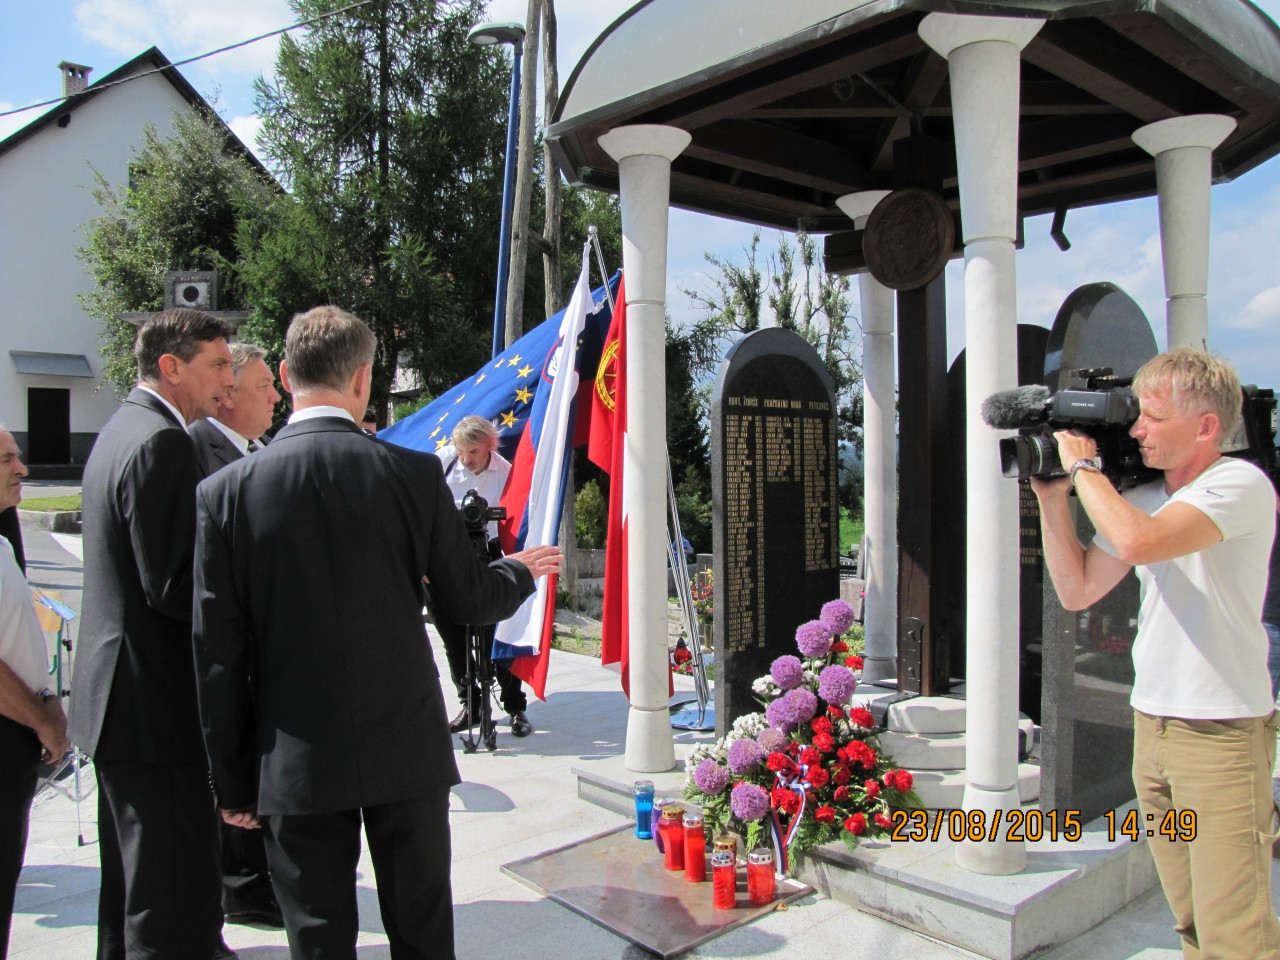 Rovte ob evropskem dnevu totalitarnih in avtoritarnih režimov 23. avgust 2015, Jože Leskovec razloži zgodovino in pomen Kapele Mučencev (Farne Plošče)